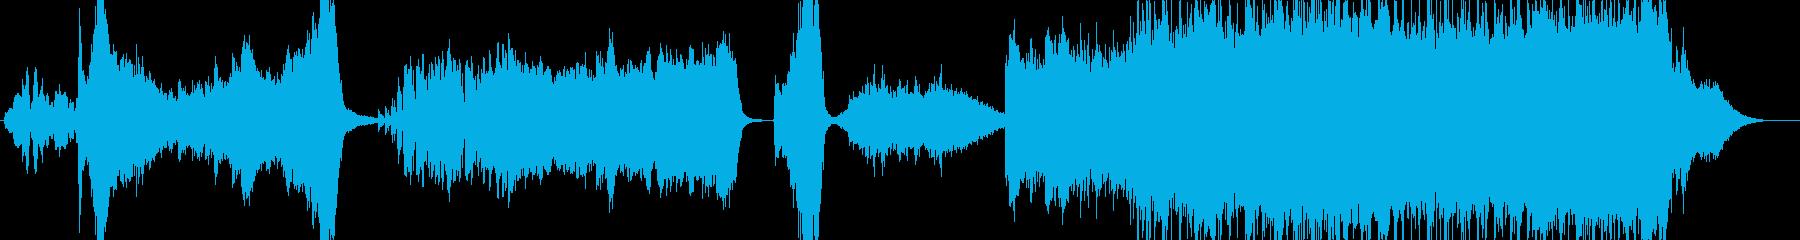 ワクワクとドキドキが交差するオーケストラの再生済みの波形